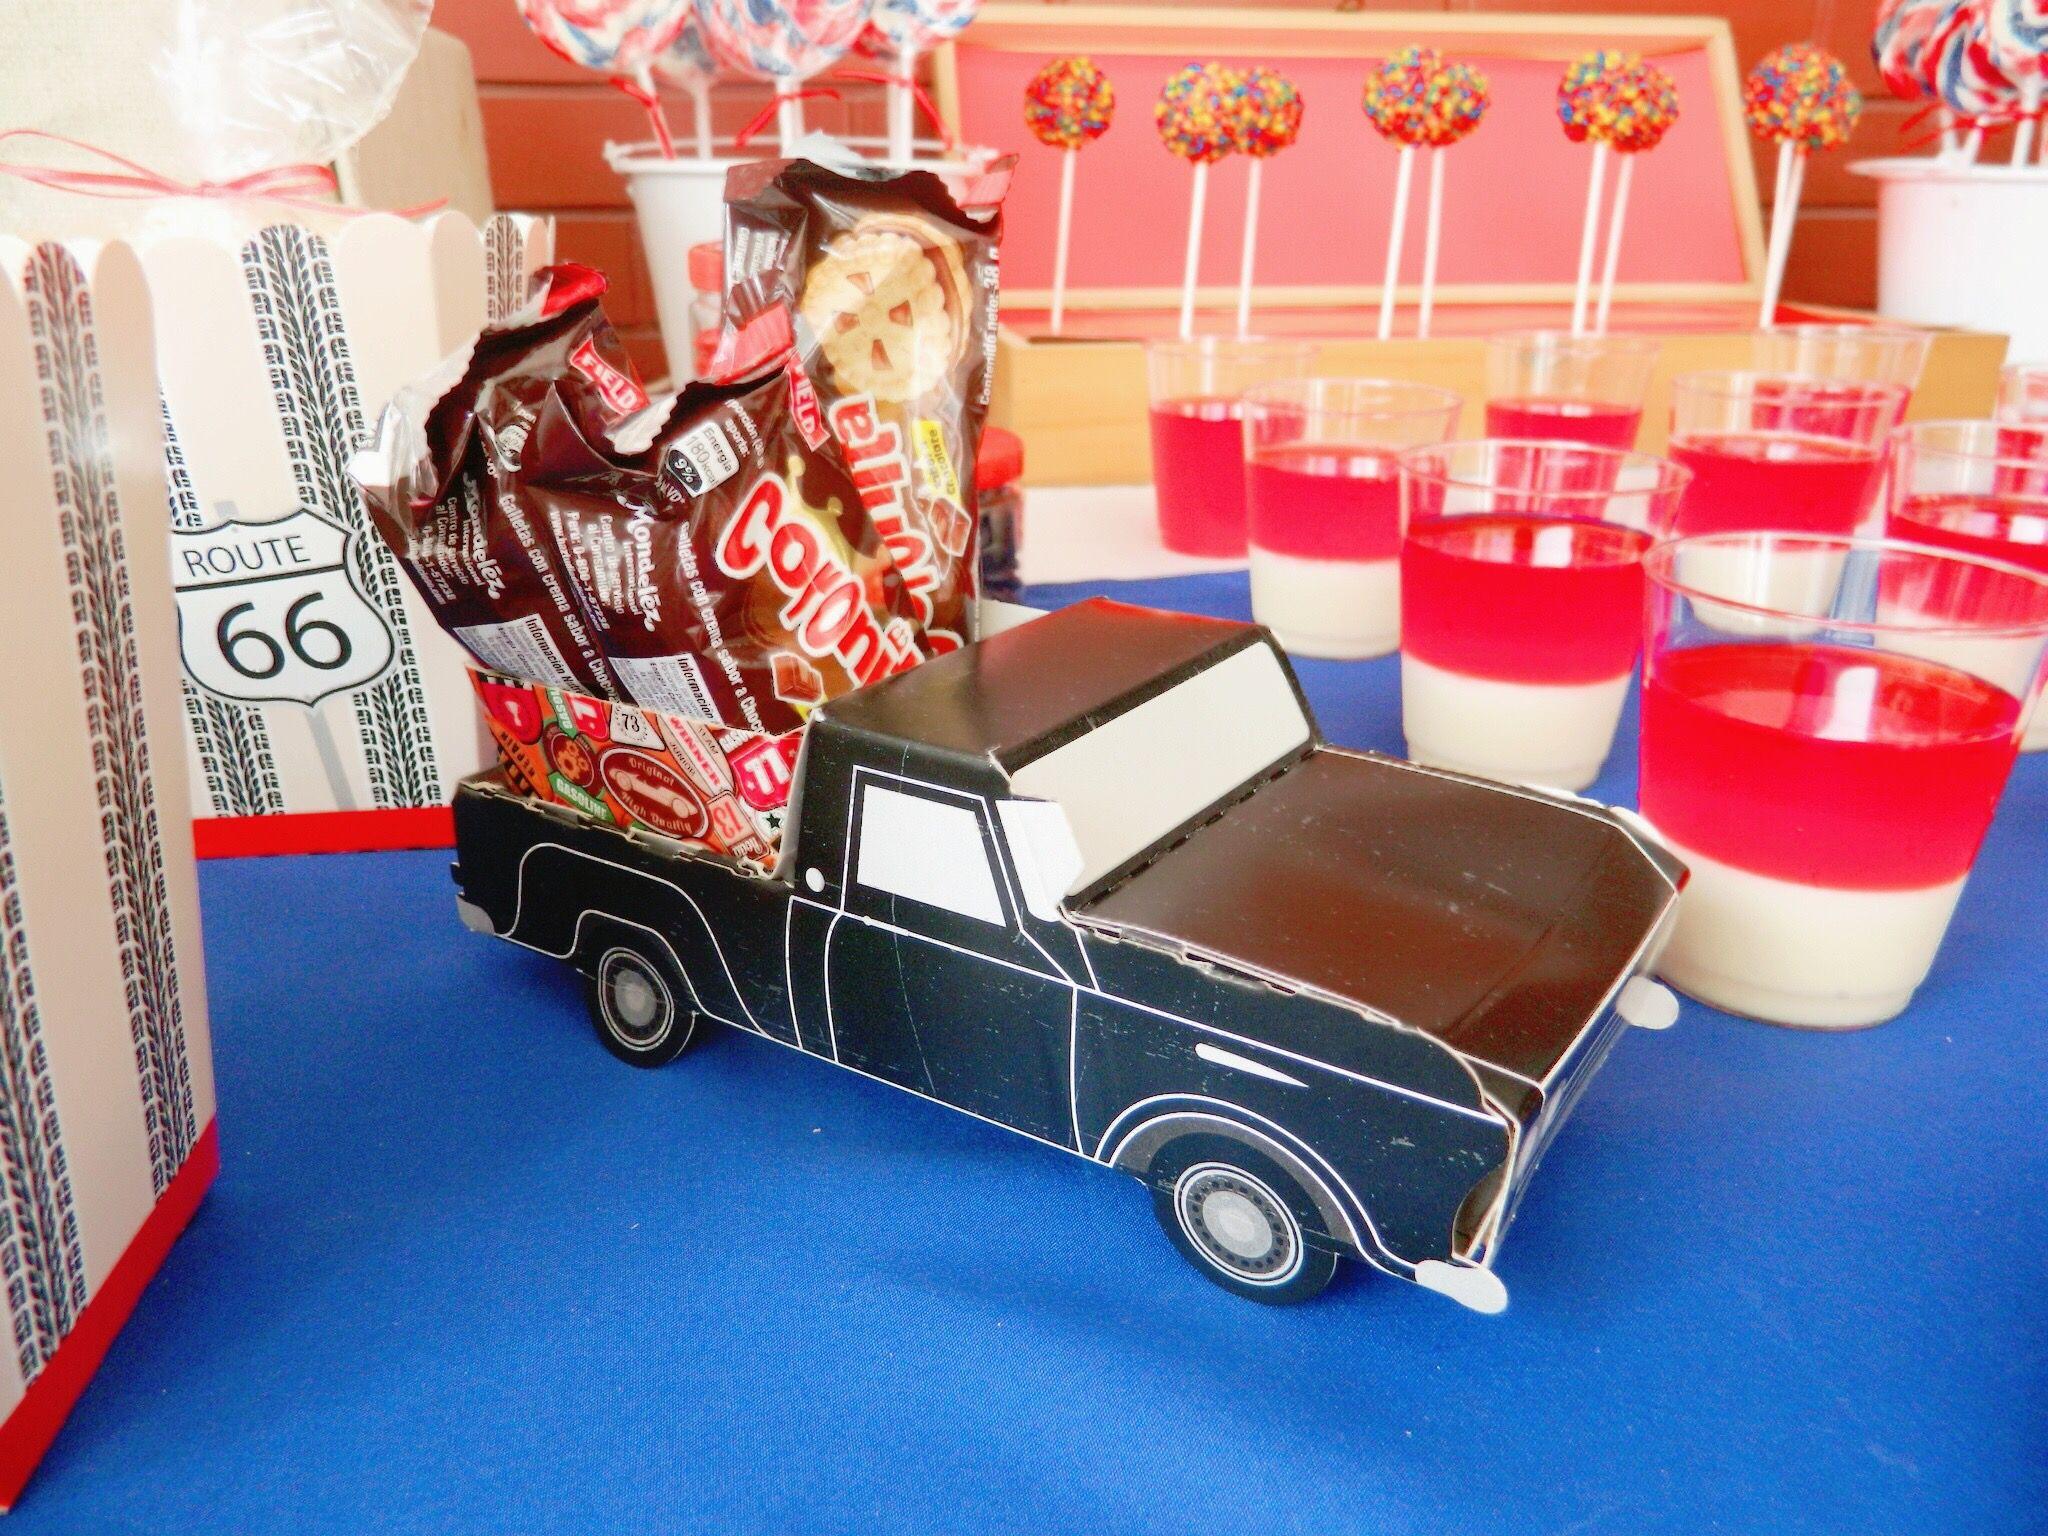 Carros -  Fiesta de Garaje vintage. Cars - Birthday party vintage garage